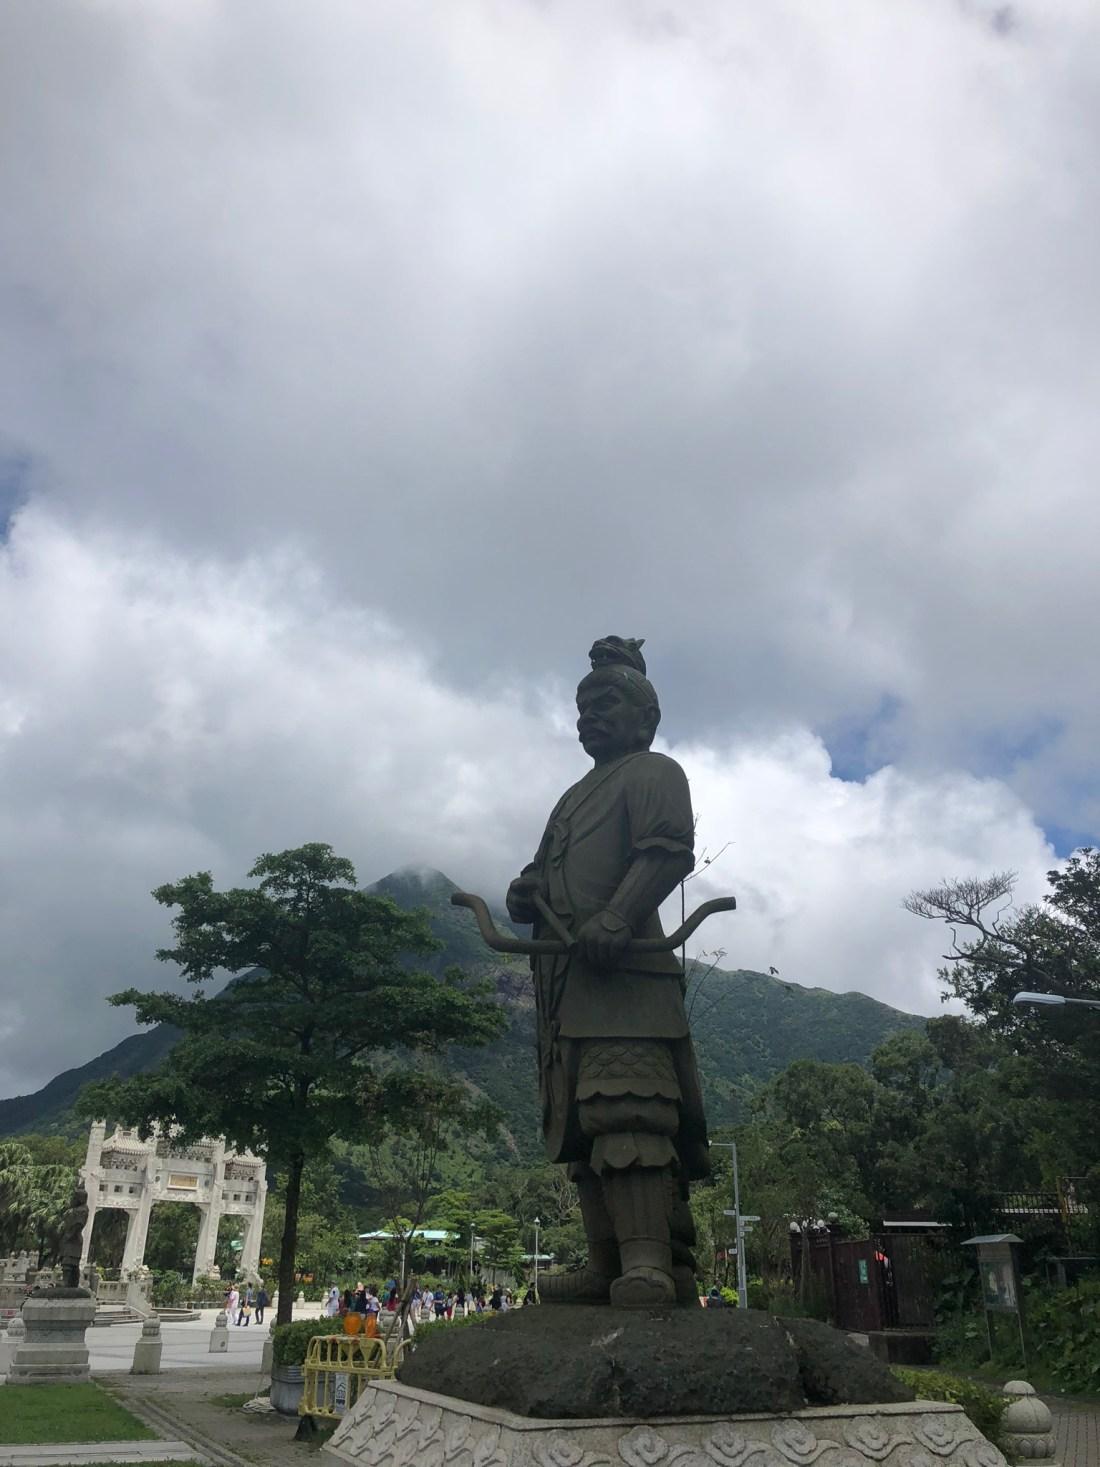 Statue in Ngong Ping village, Lantau Island